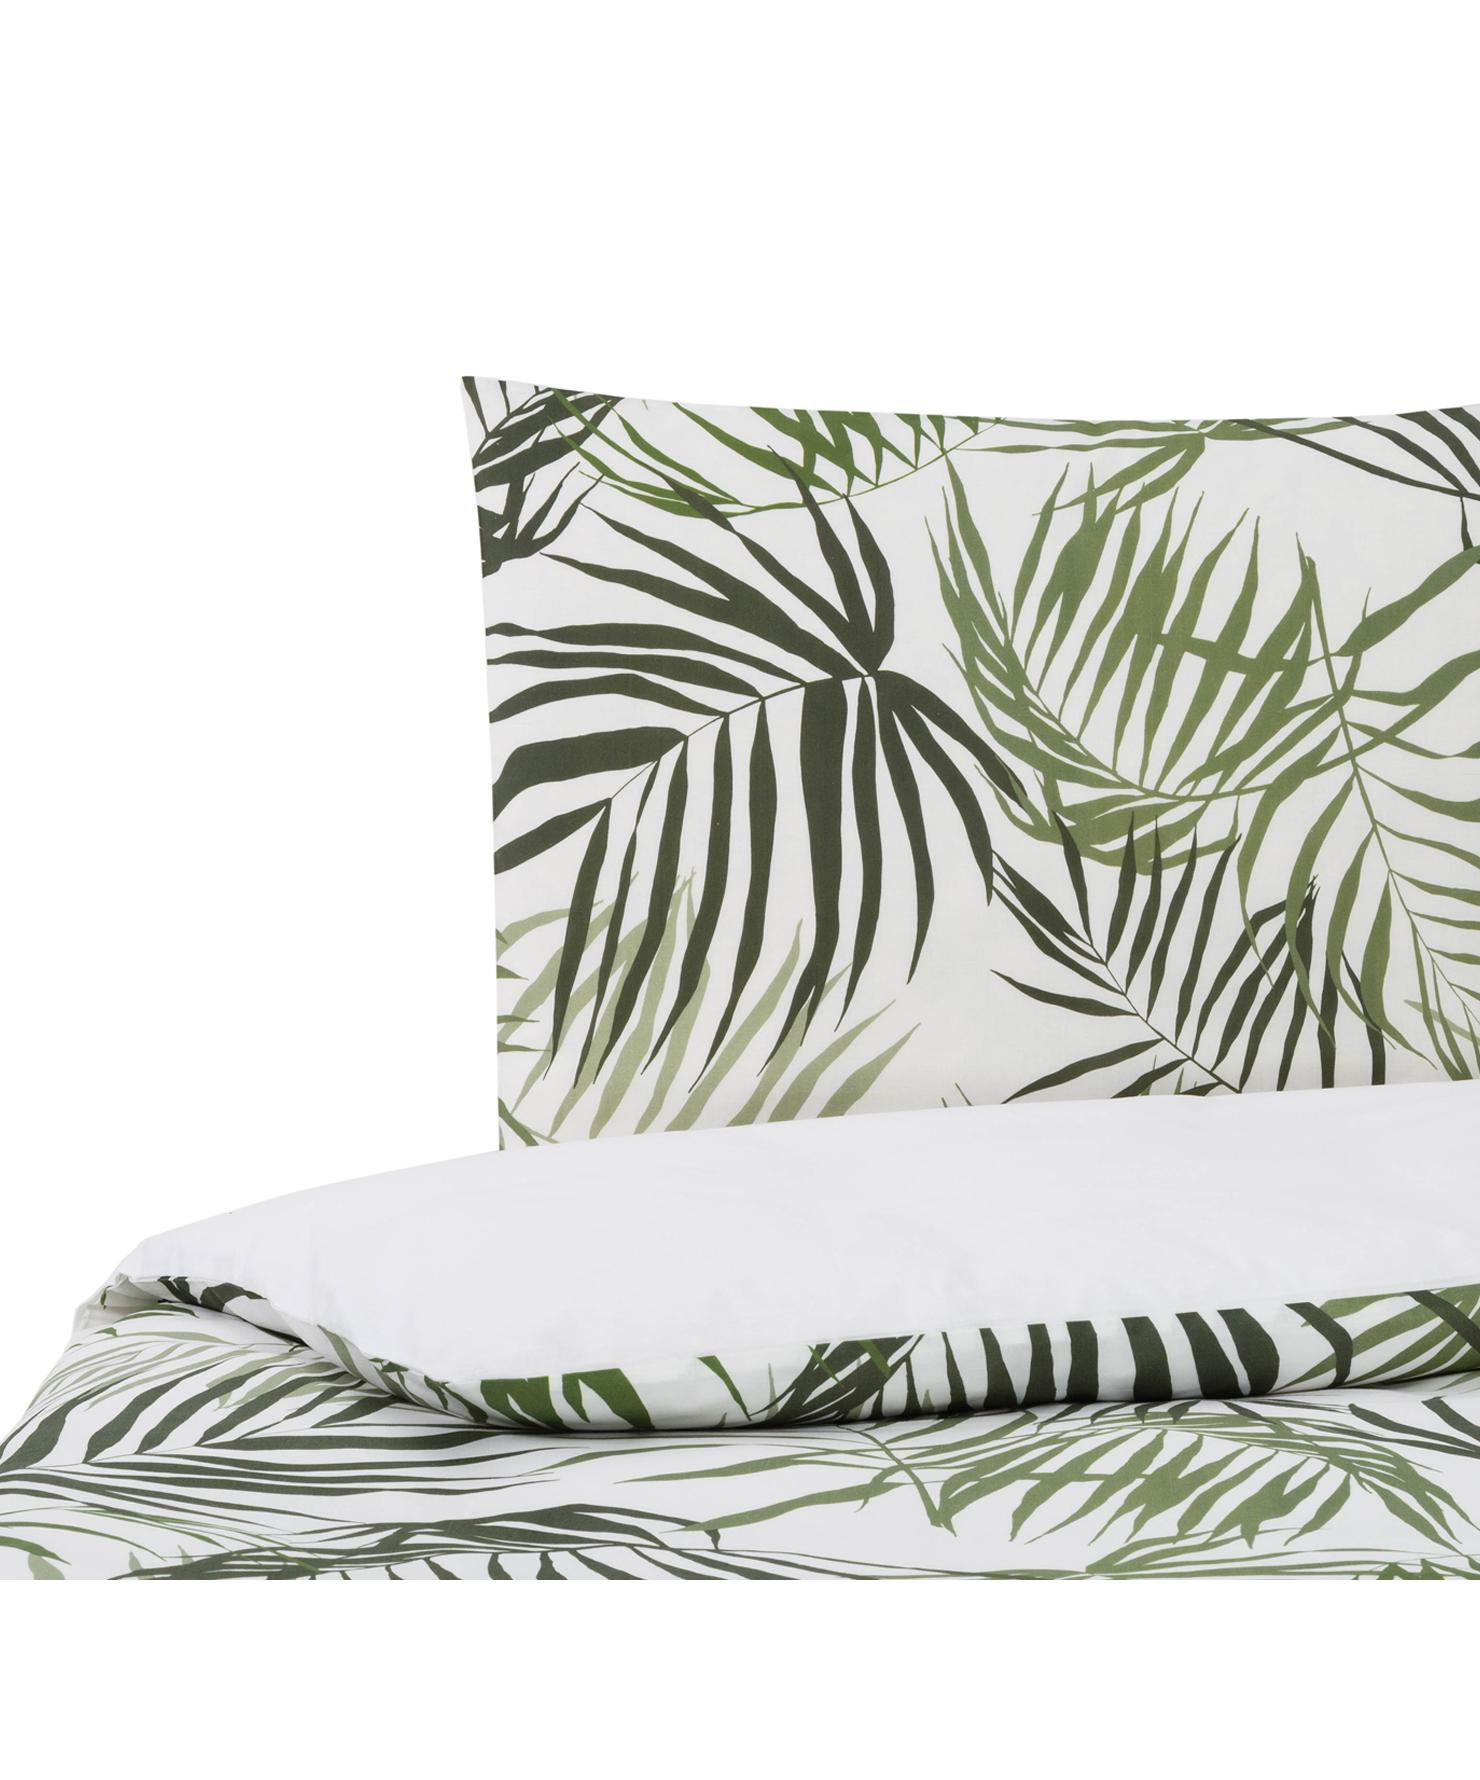 Dubbelzijdig dekbedovertrek Dalor, Katoen, Bovenzijde: groen, wit. Onderzijde: wit, 140 x 200 cm